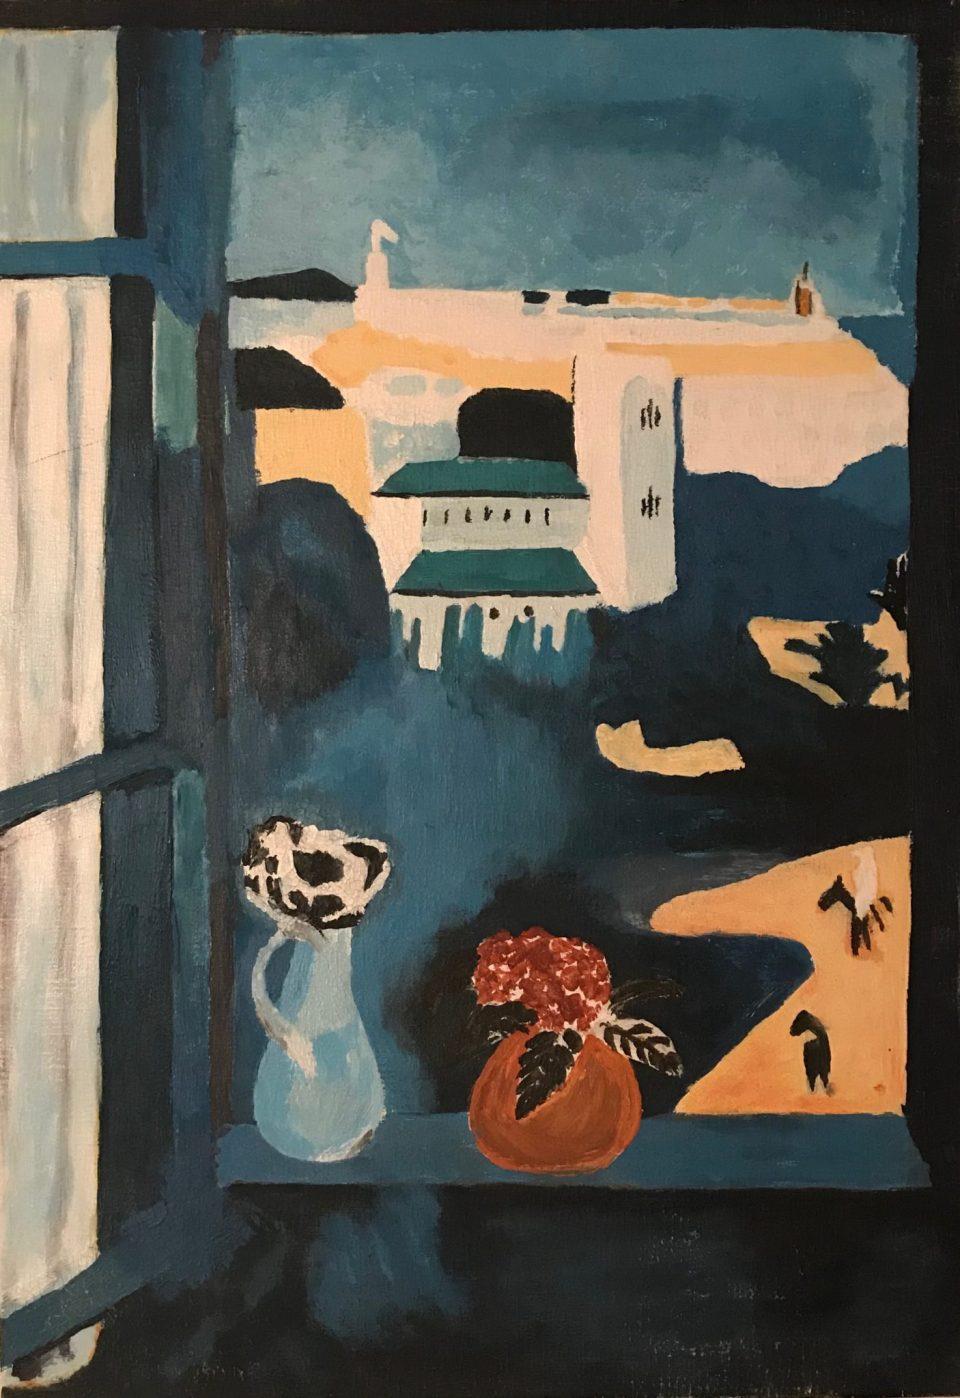 Il s'agit de ma première reproduction que j'ai réalisé à l'acrylique sur un papier entoilé marouflé (=collé) sur un panneau de bois. A l'origine, le modèle est une huile sur toile réalisée à Tanger par Henri Matisse. Il est donc tout à fait possible de reproduire une oeuvre de grand maître à l'origine à l'huile avec de la peinture acrylique.